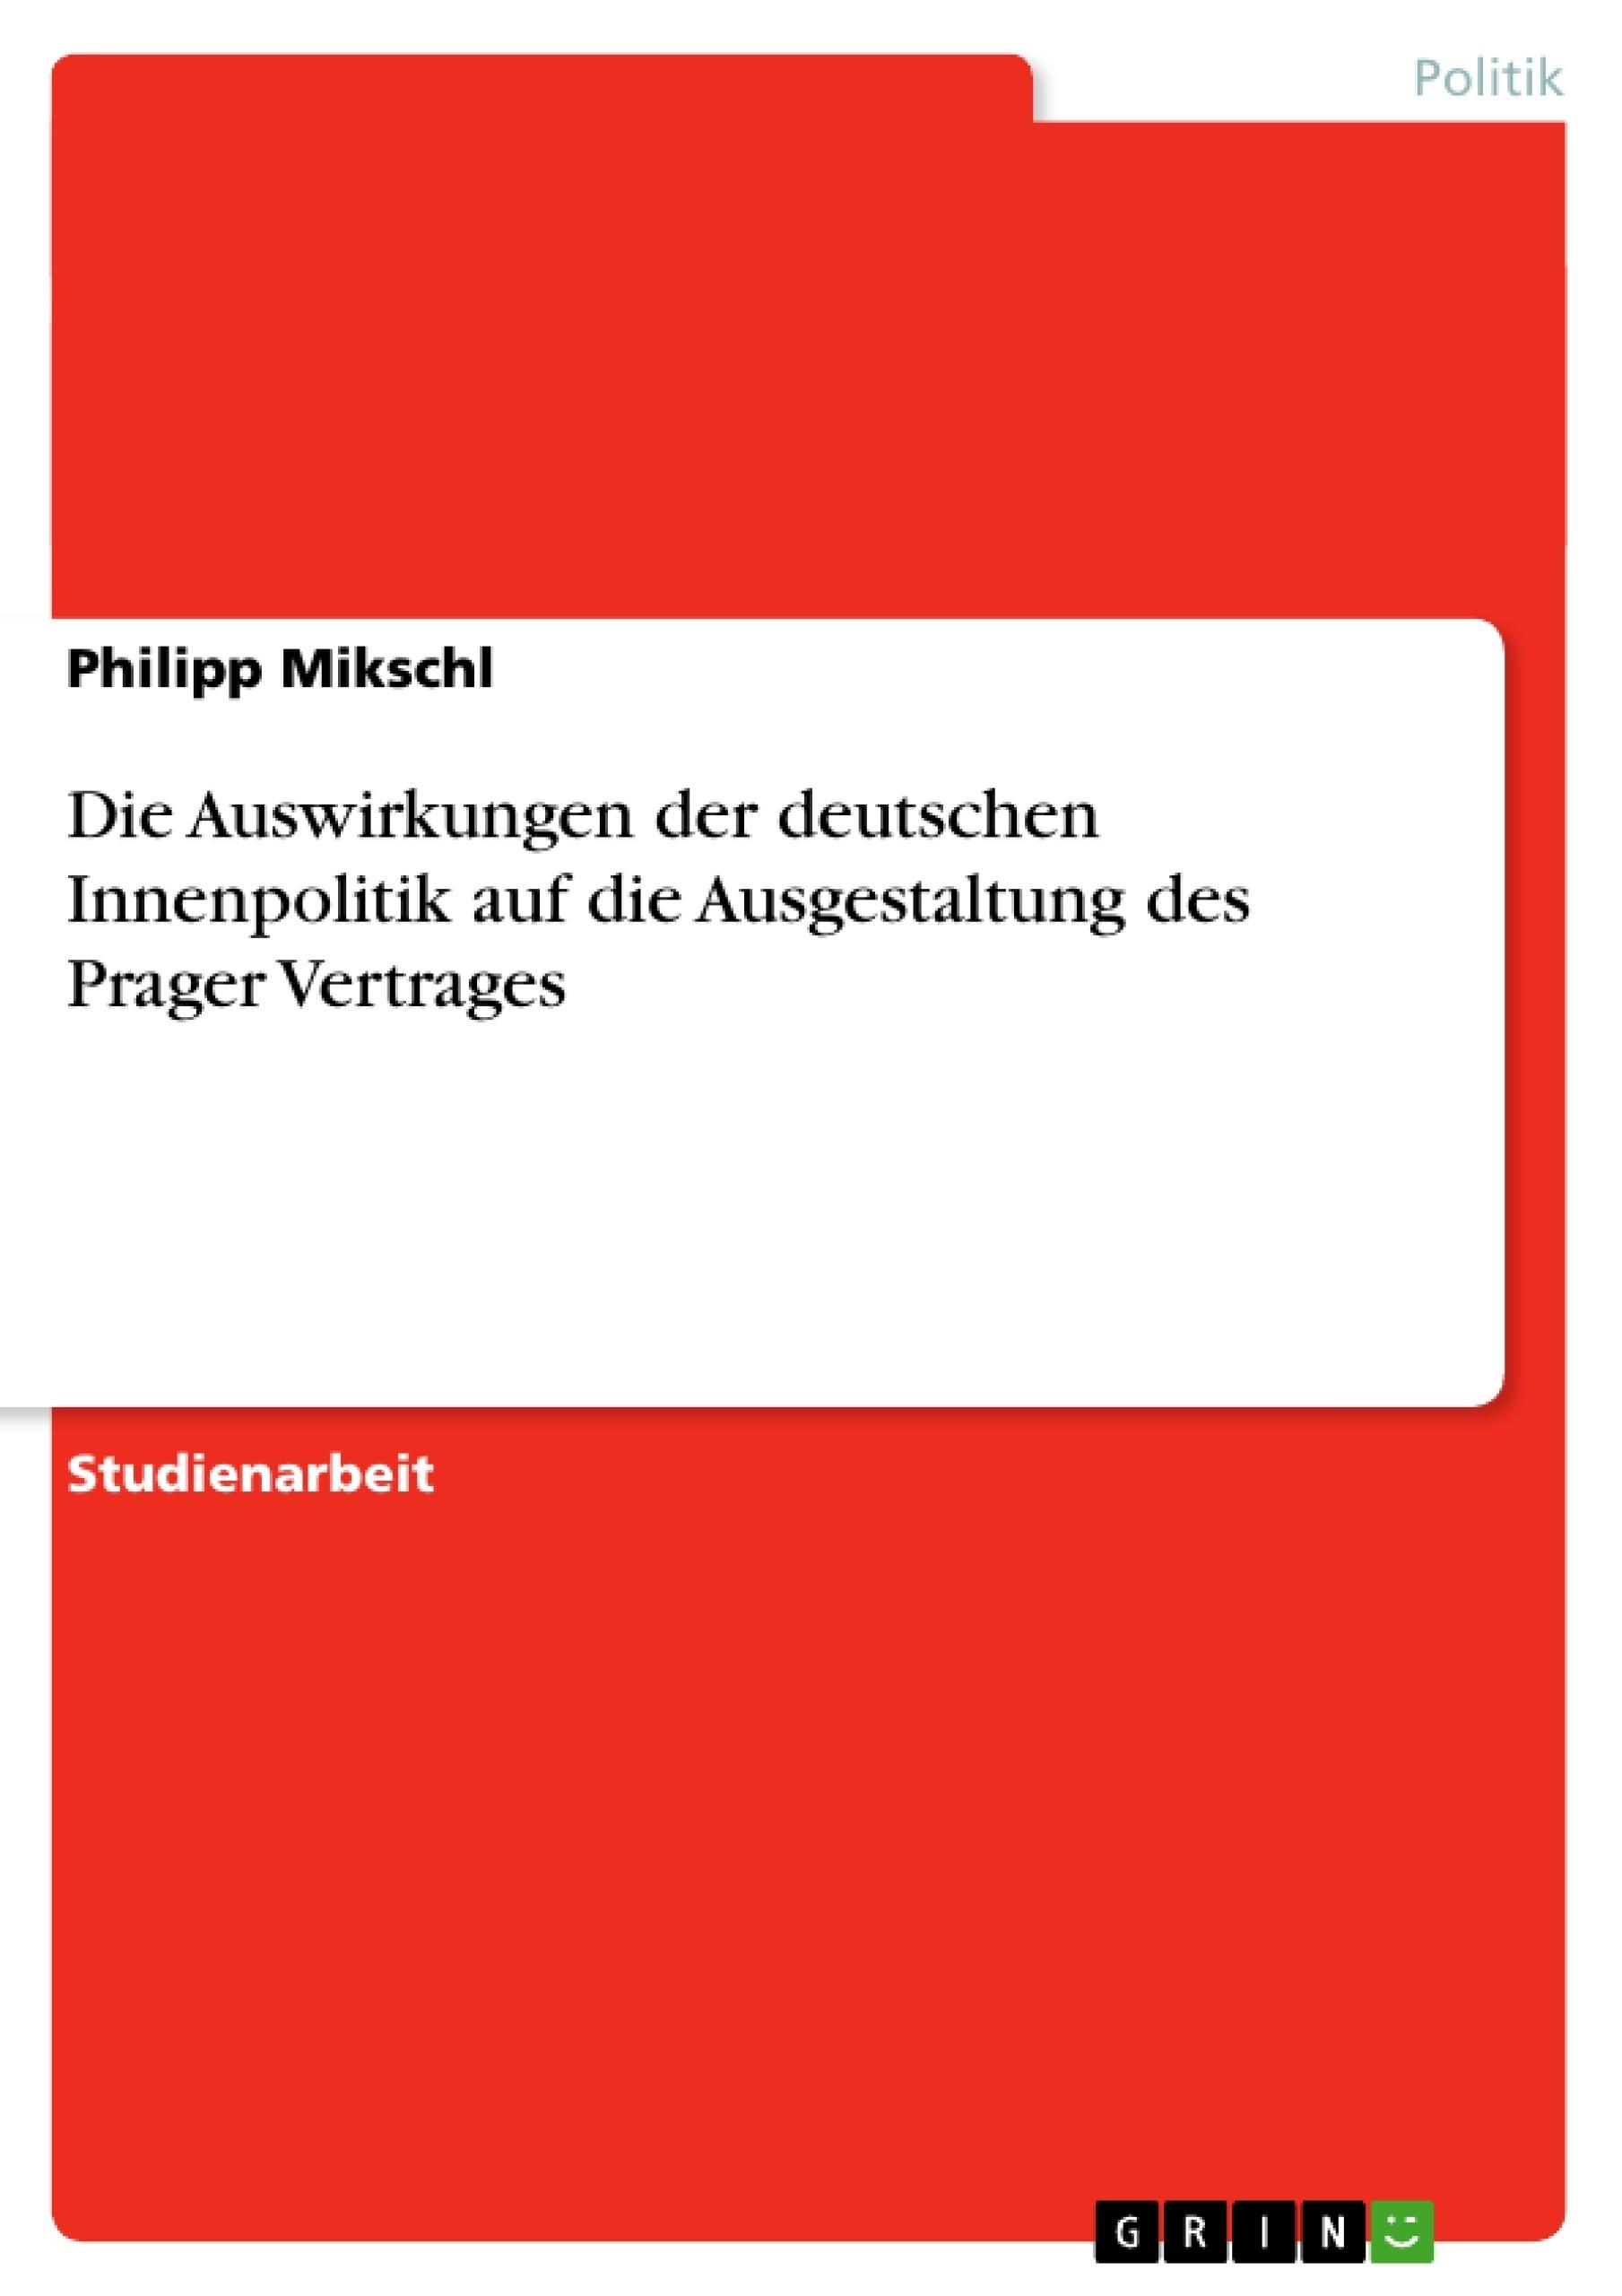 Titel: Die Auswirkungen der deutschen Innenpolitik auf die Ausgestaltung des Prager Vertrages